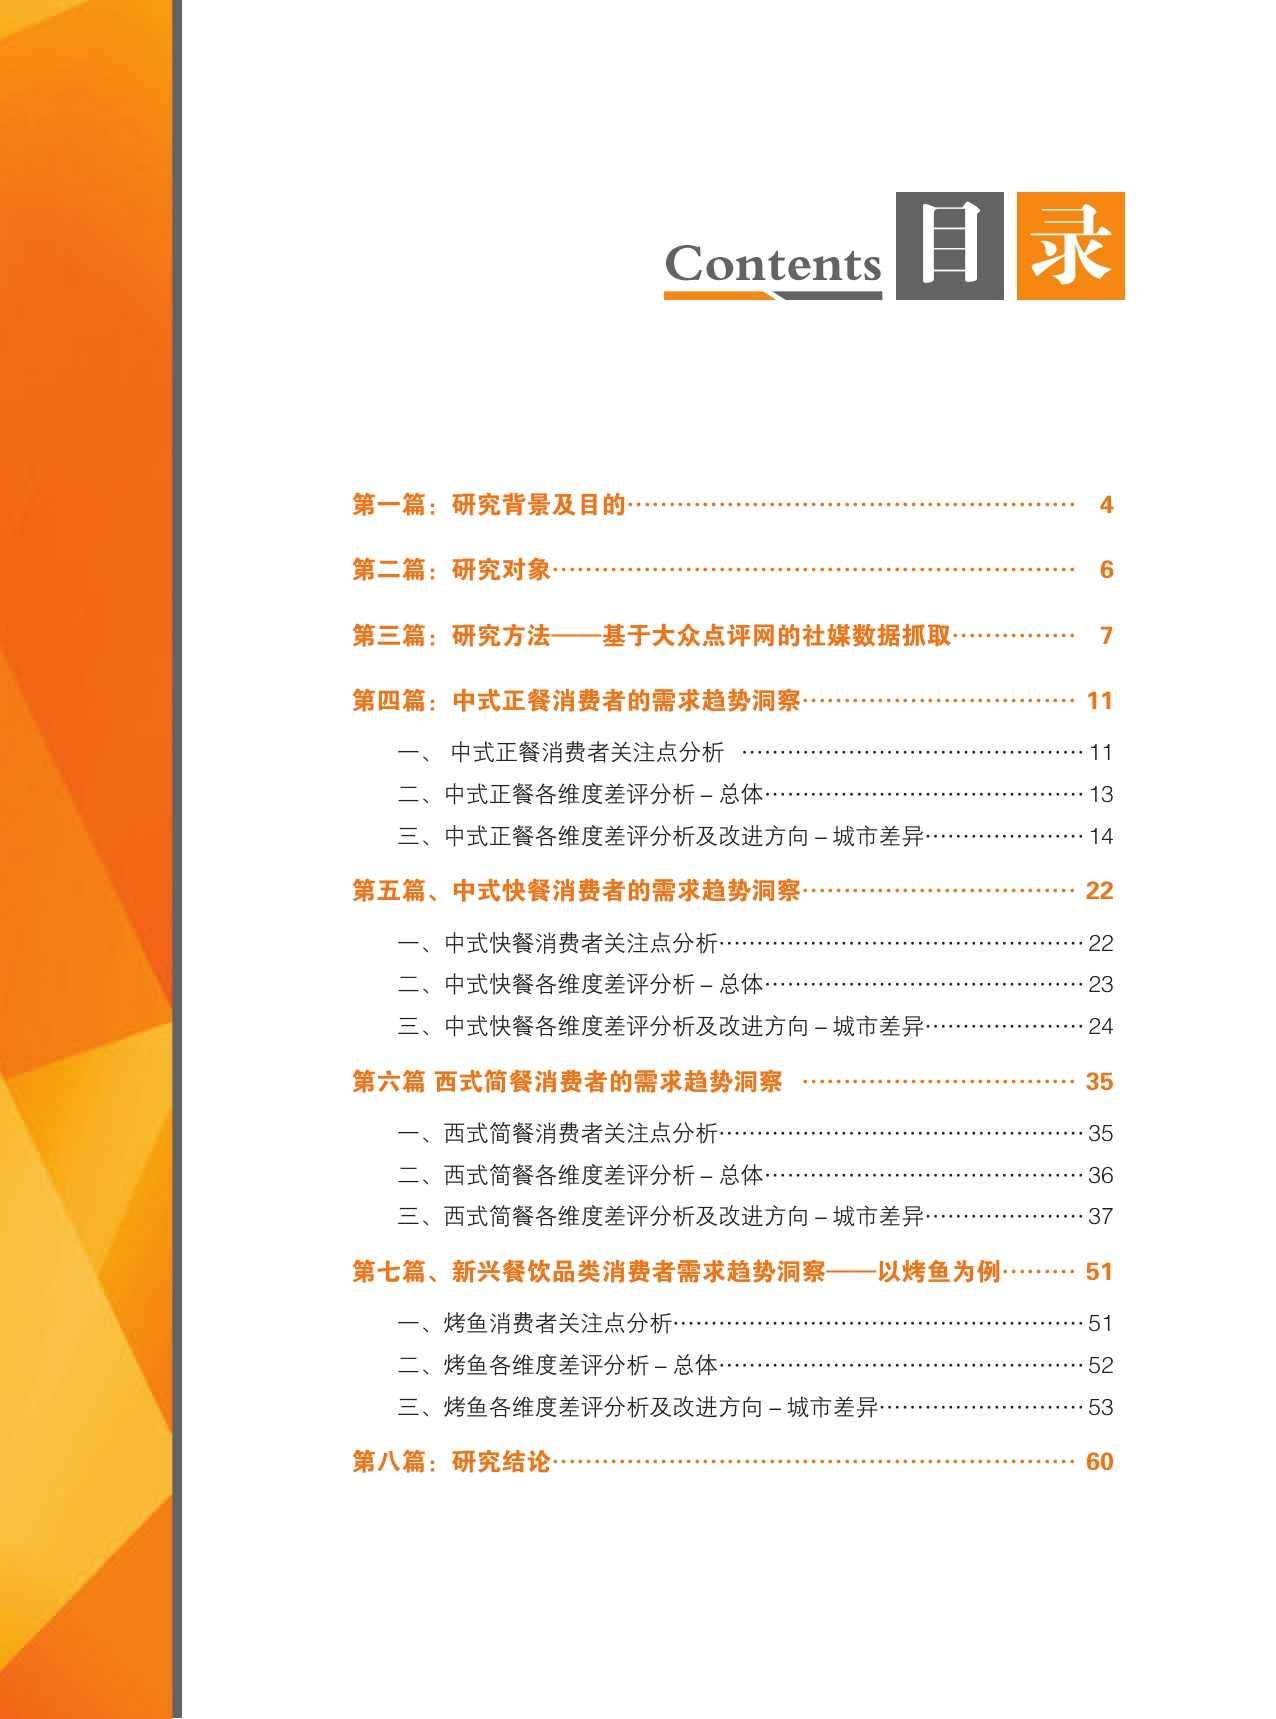 2015中国餐饮消费需求大数据分析报告_000005